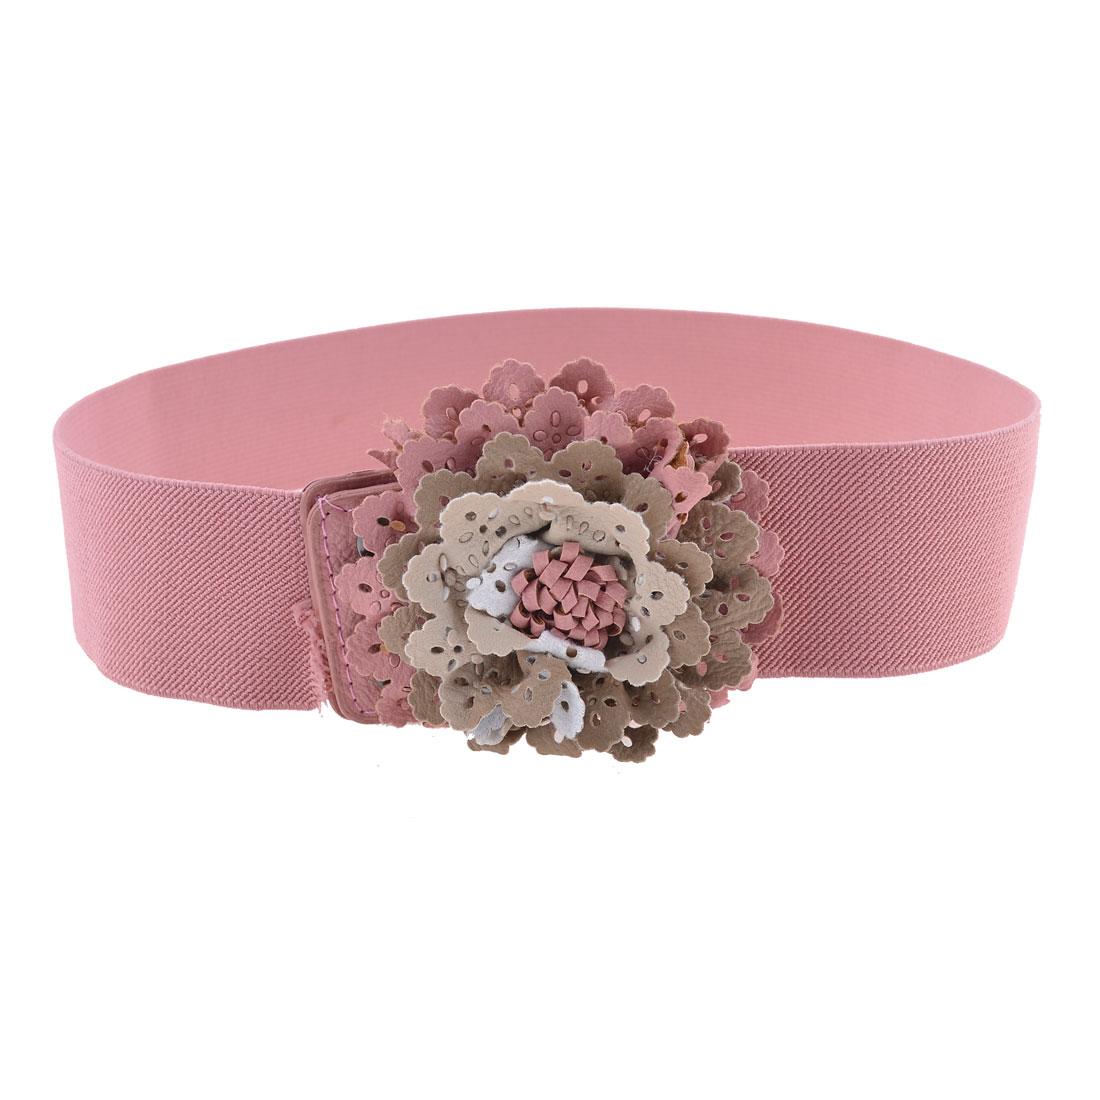 Women Pink Faux Leather Flower Decor High Waistband Cinch Belt 5cm Width